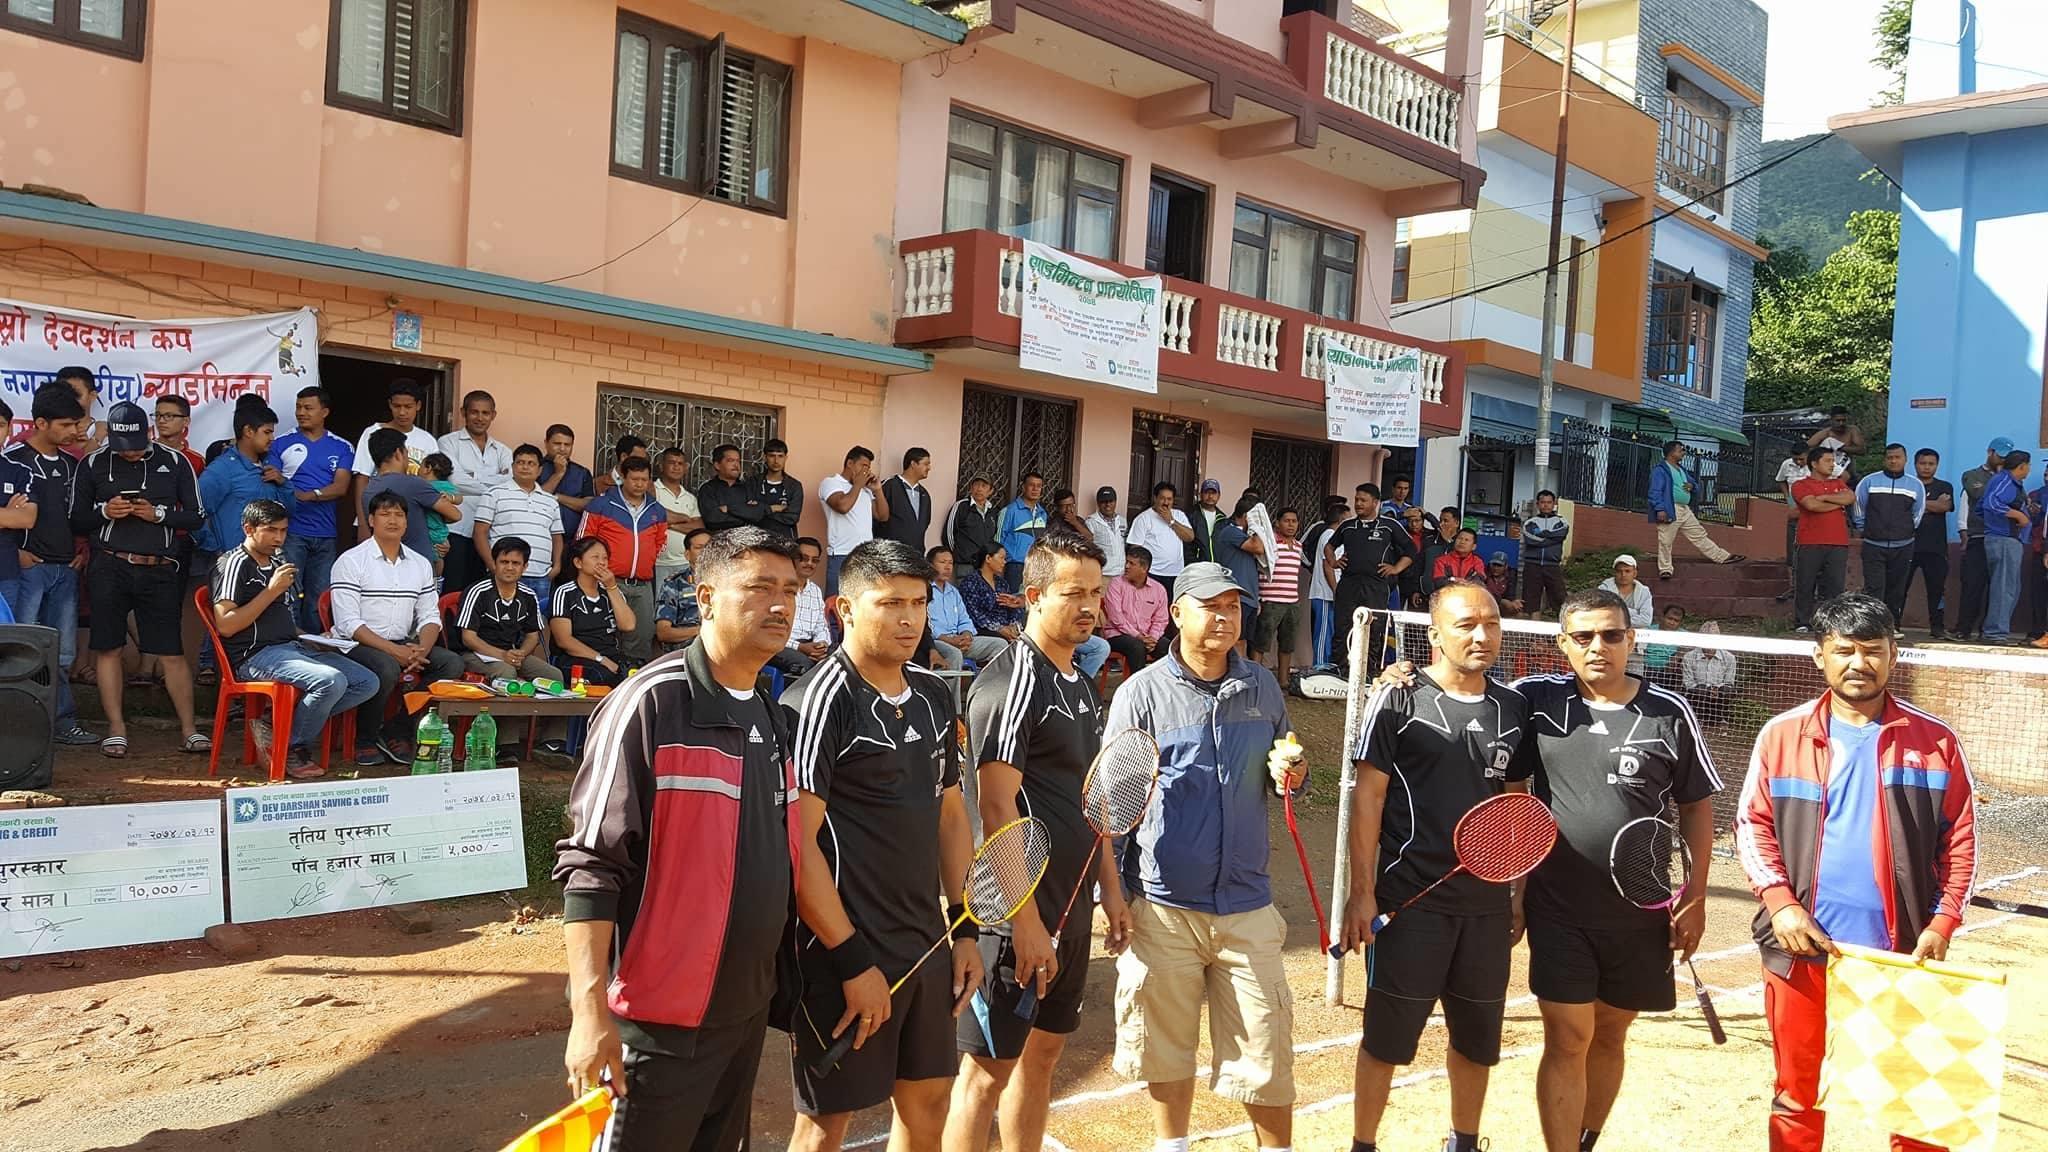 Chandragirinews 19531855_1715758775119181_1639103312_o दोश्रो देवदर्शन कप ब्याडमिण्टनकको उपाधी पुष्ष खड्का र पवन अधिकारीको जोडीलार्इ, राजन पोखरेल उत्कृष्ठ खेलाडी खेलकुद नगरपालिका बैक / सहकारी संस्था ब्रेकिंग न्युज मुख्य वडा    chandragiri